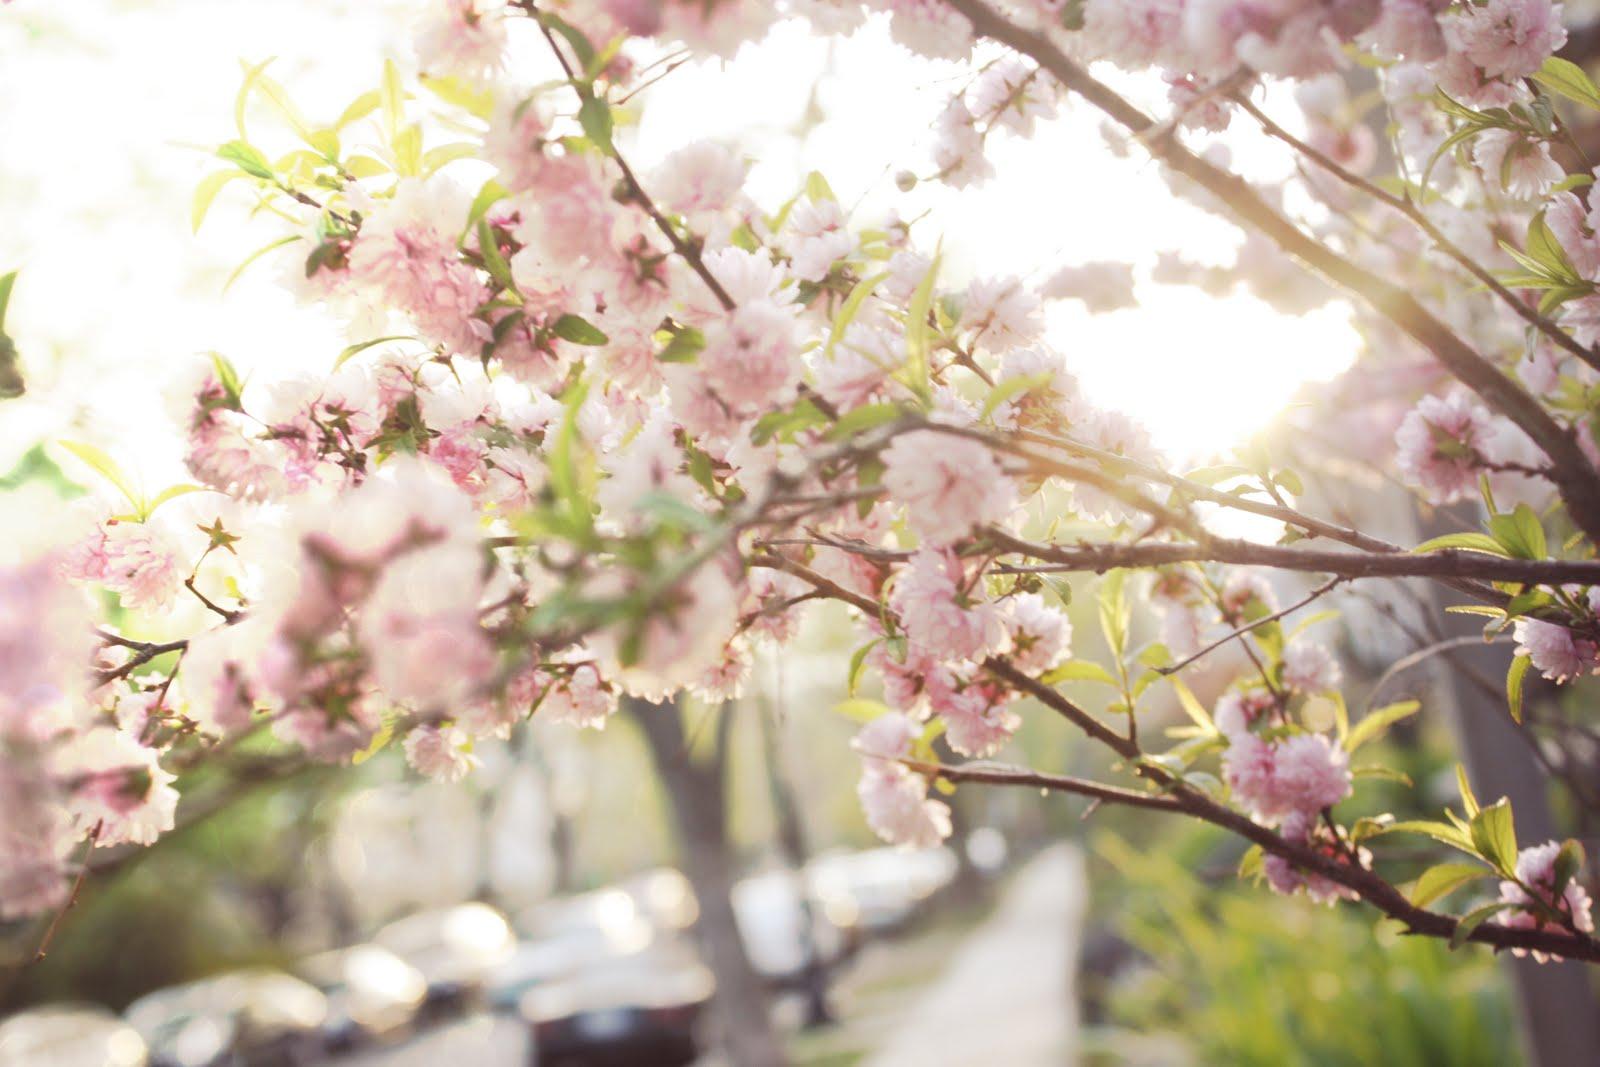 http://3.bp.blogspot.com/-WnNEcI6gFgg/Ta5Ww0QTSbI/AAAAAAAACc0/ki5Zdk-7Wjg/s1600/pink%2Bfluffy%2Bflowers.jpg